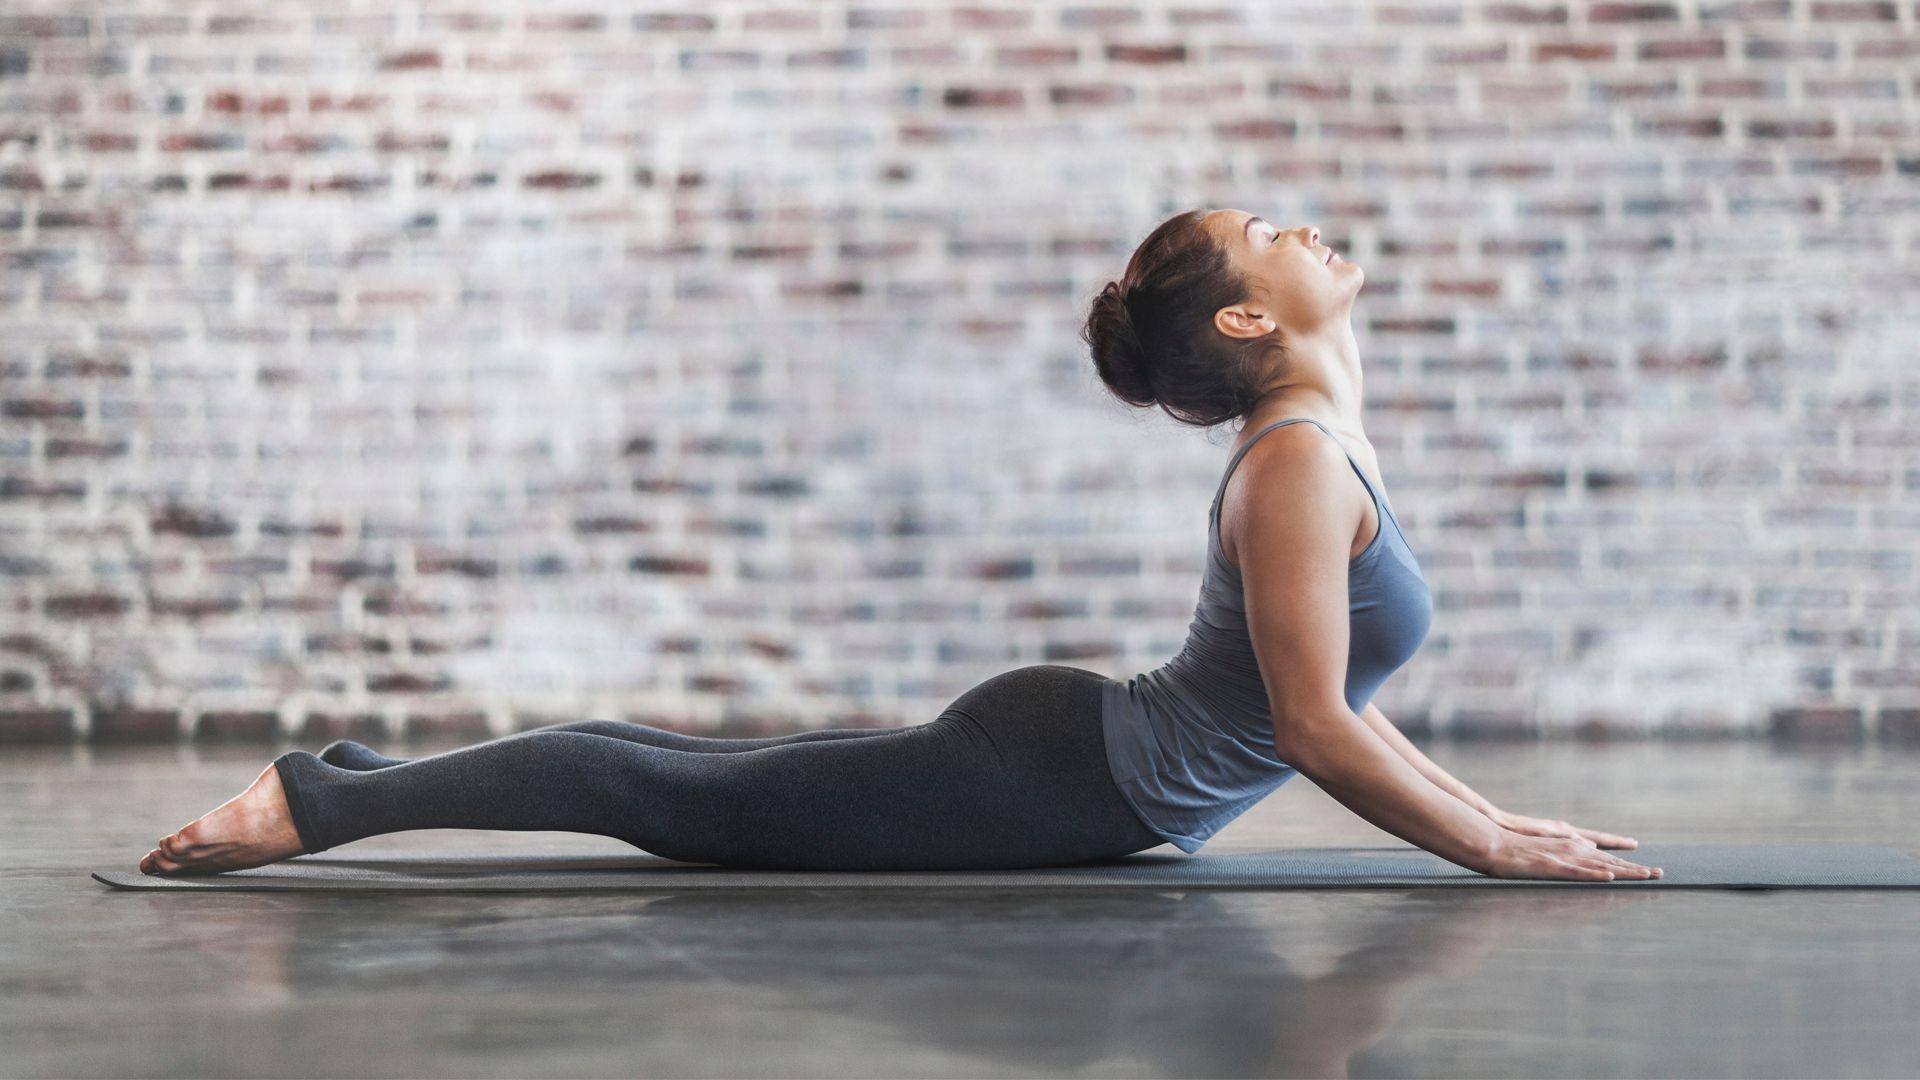 Centro de yoga tradicional